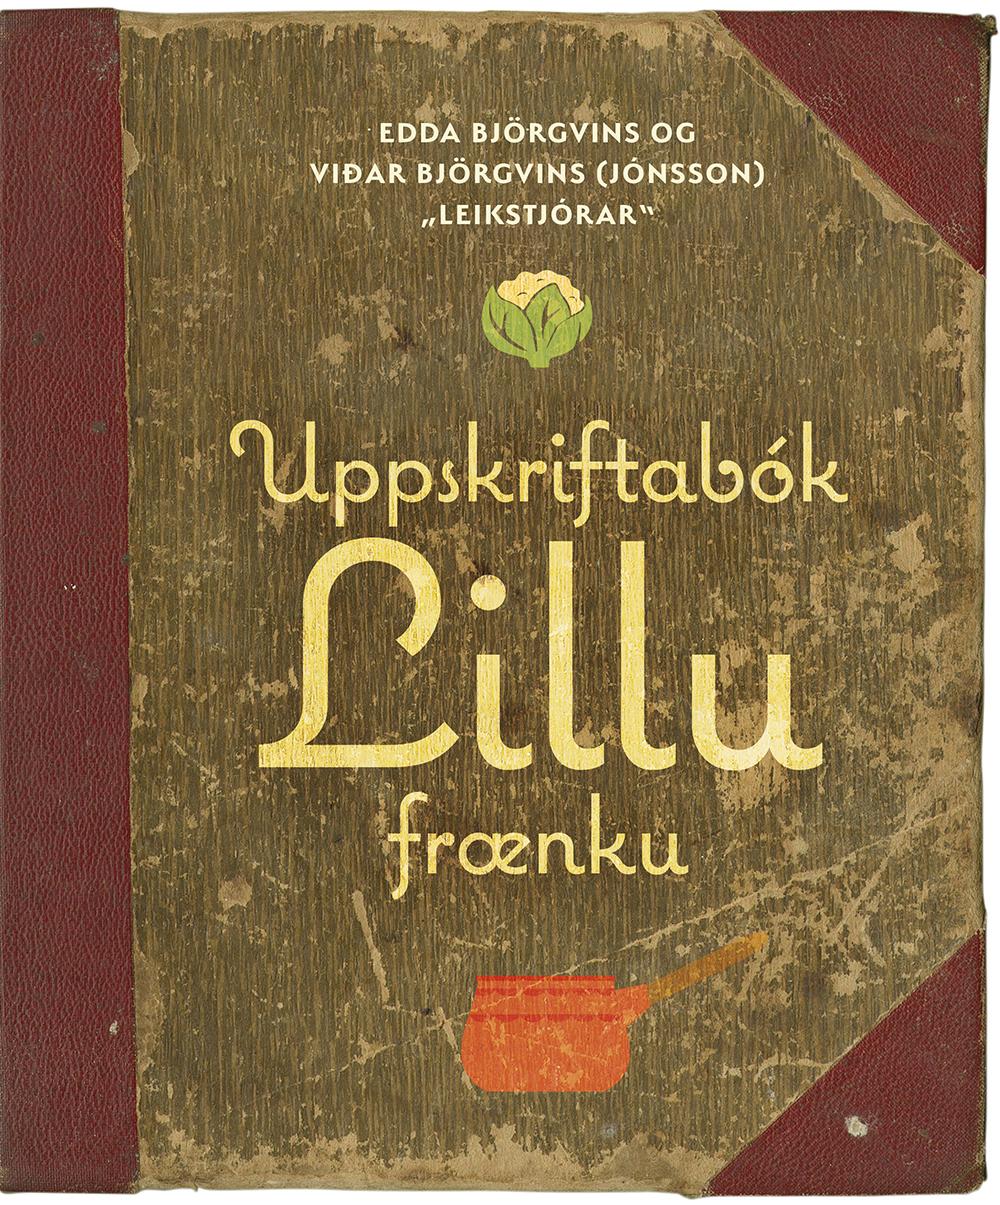 Uppskriftabók Lillu frænku